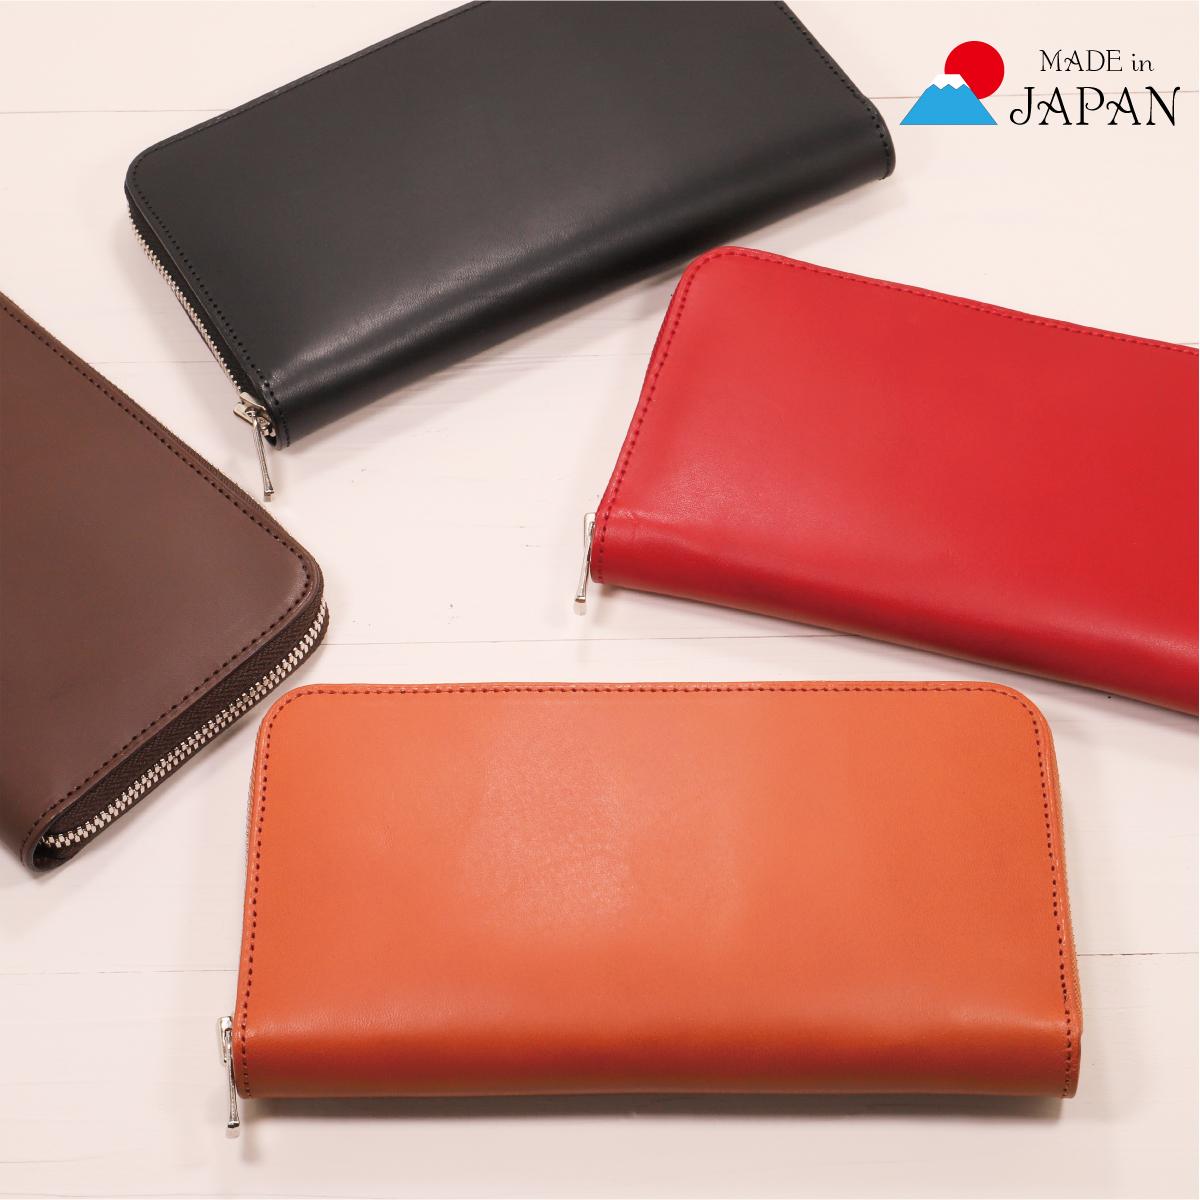 上質なレザーを使ったMAED IN JAPANのシンプルなラウンドファスナー長財布